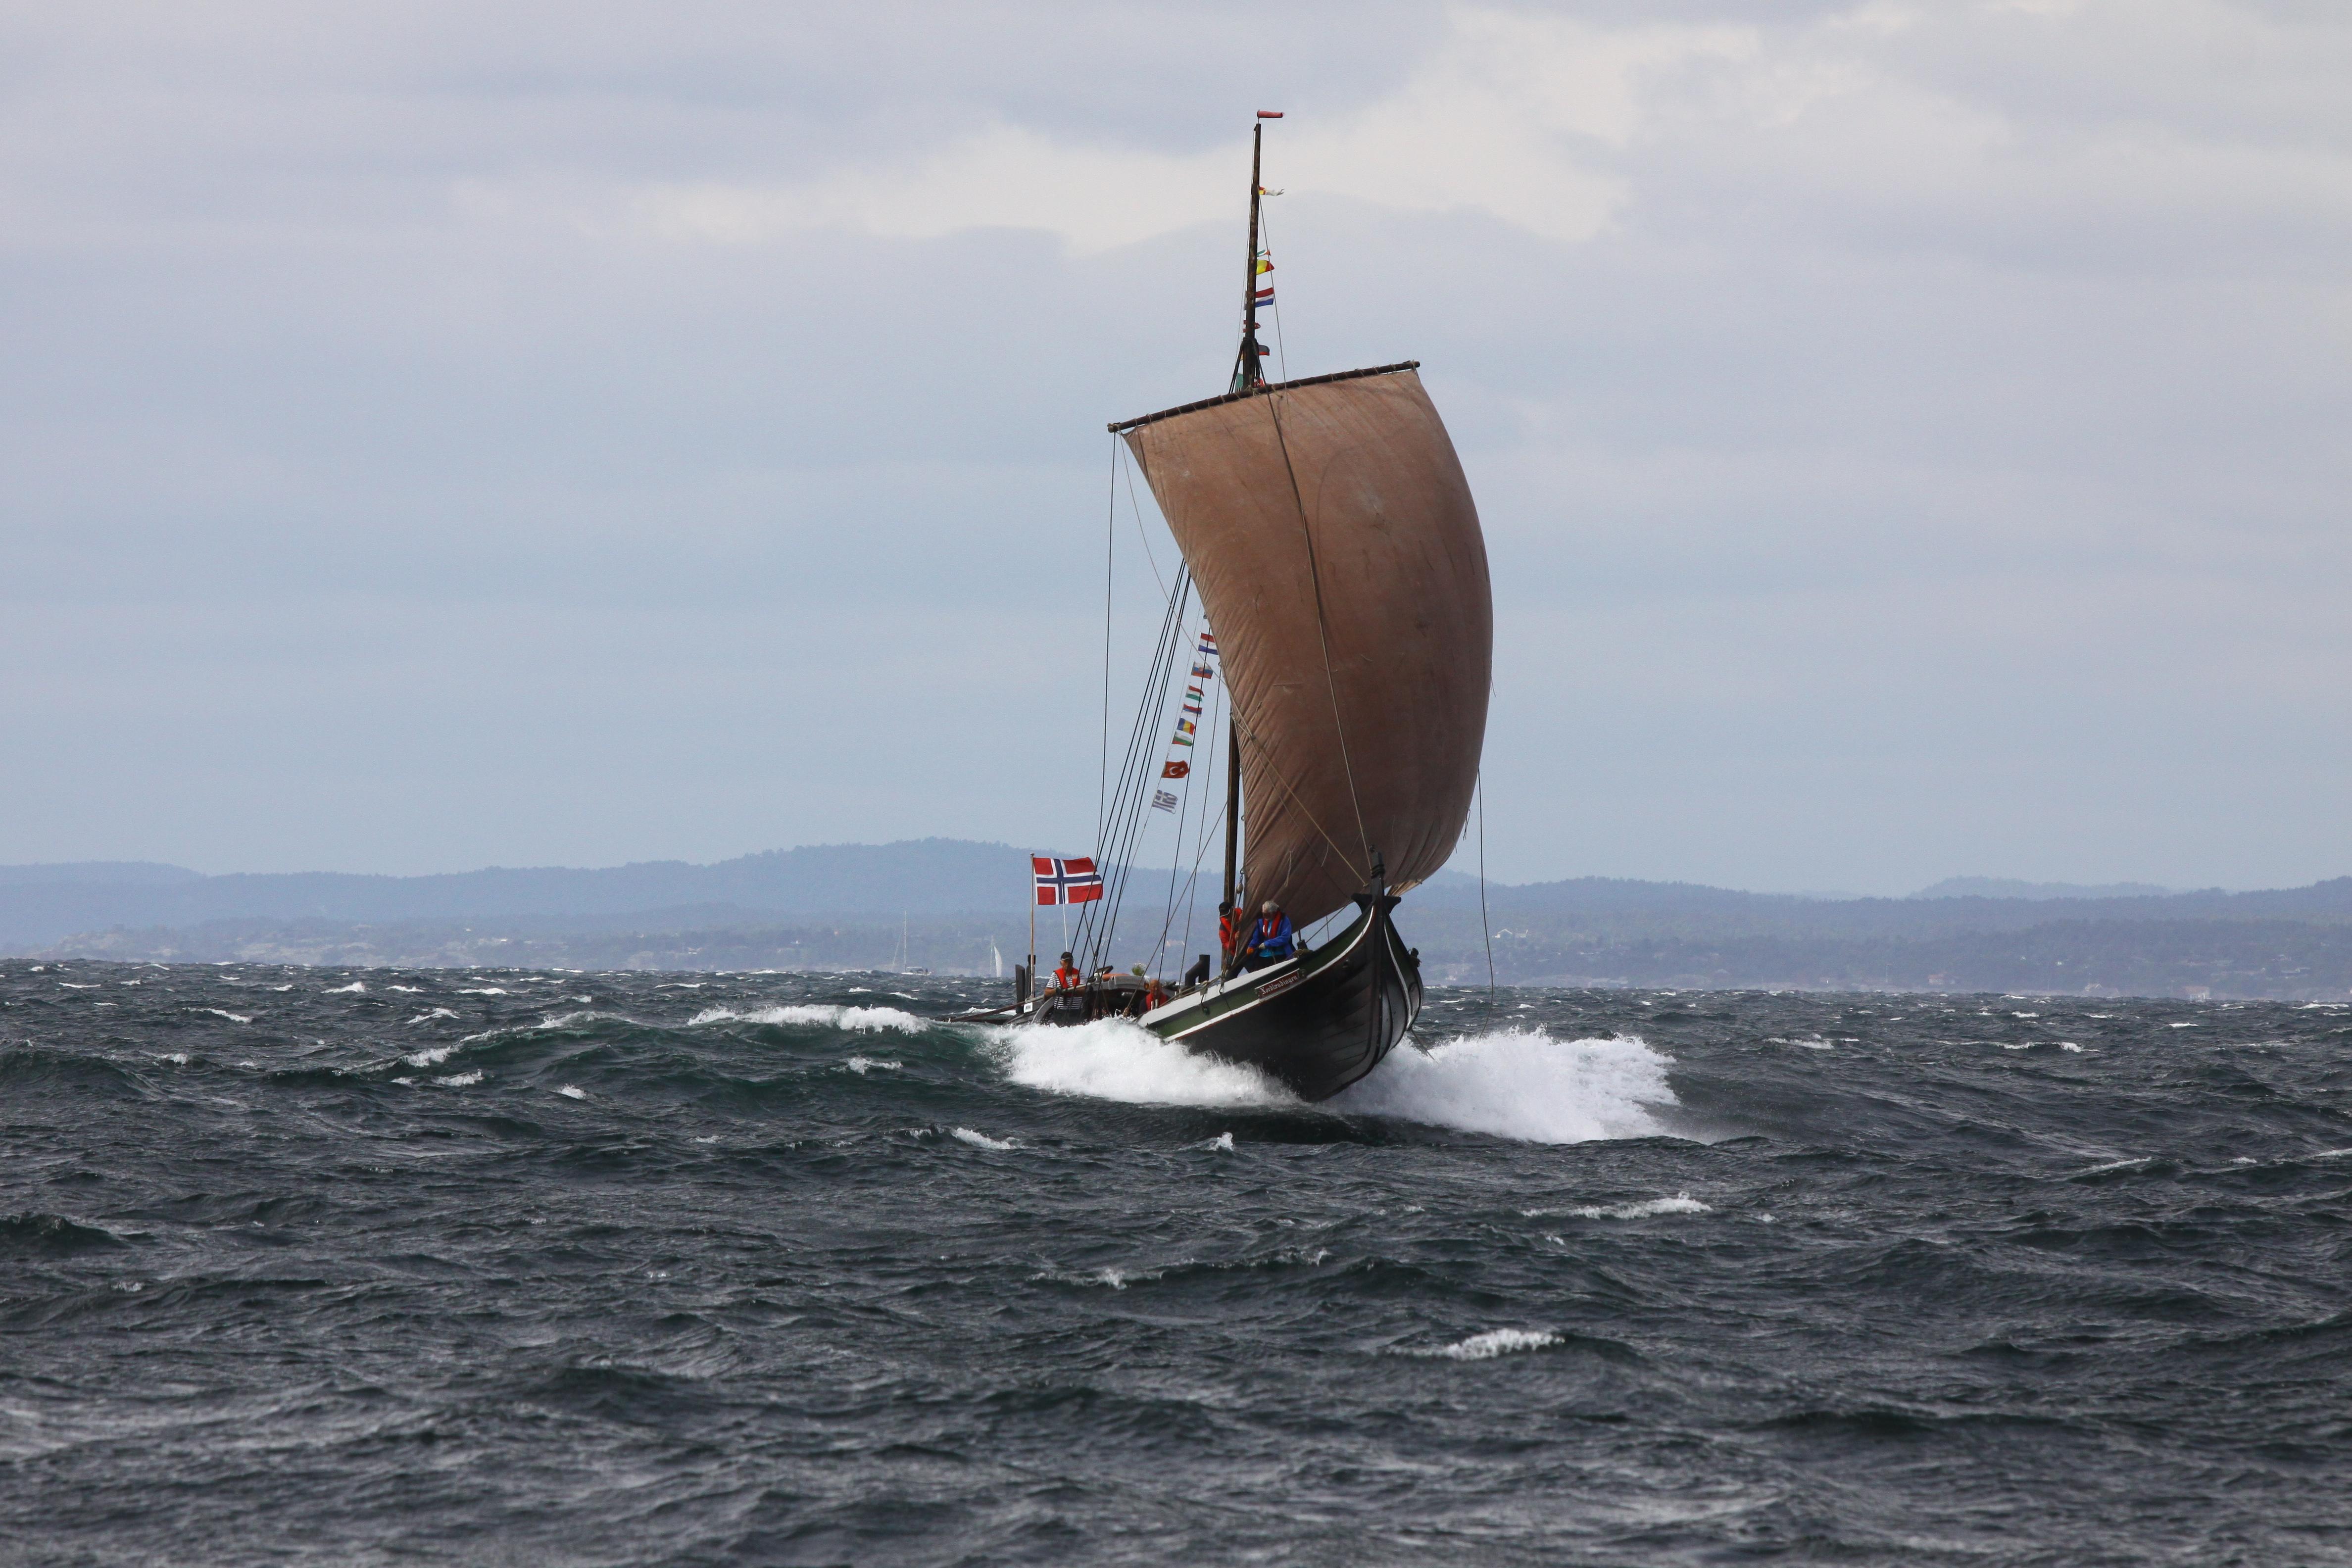 Seilas utenfor Jomfruland i 2014 tatt av Karl Pudik. På vei til landsstevnet i Oslo.